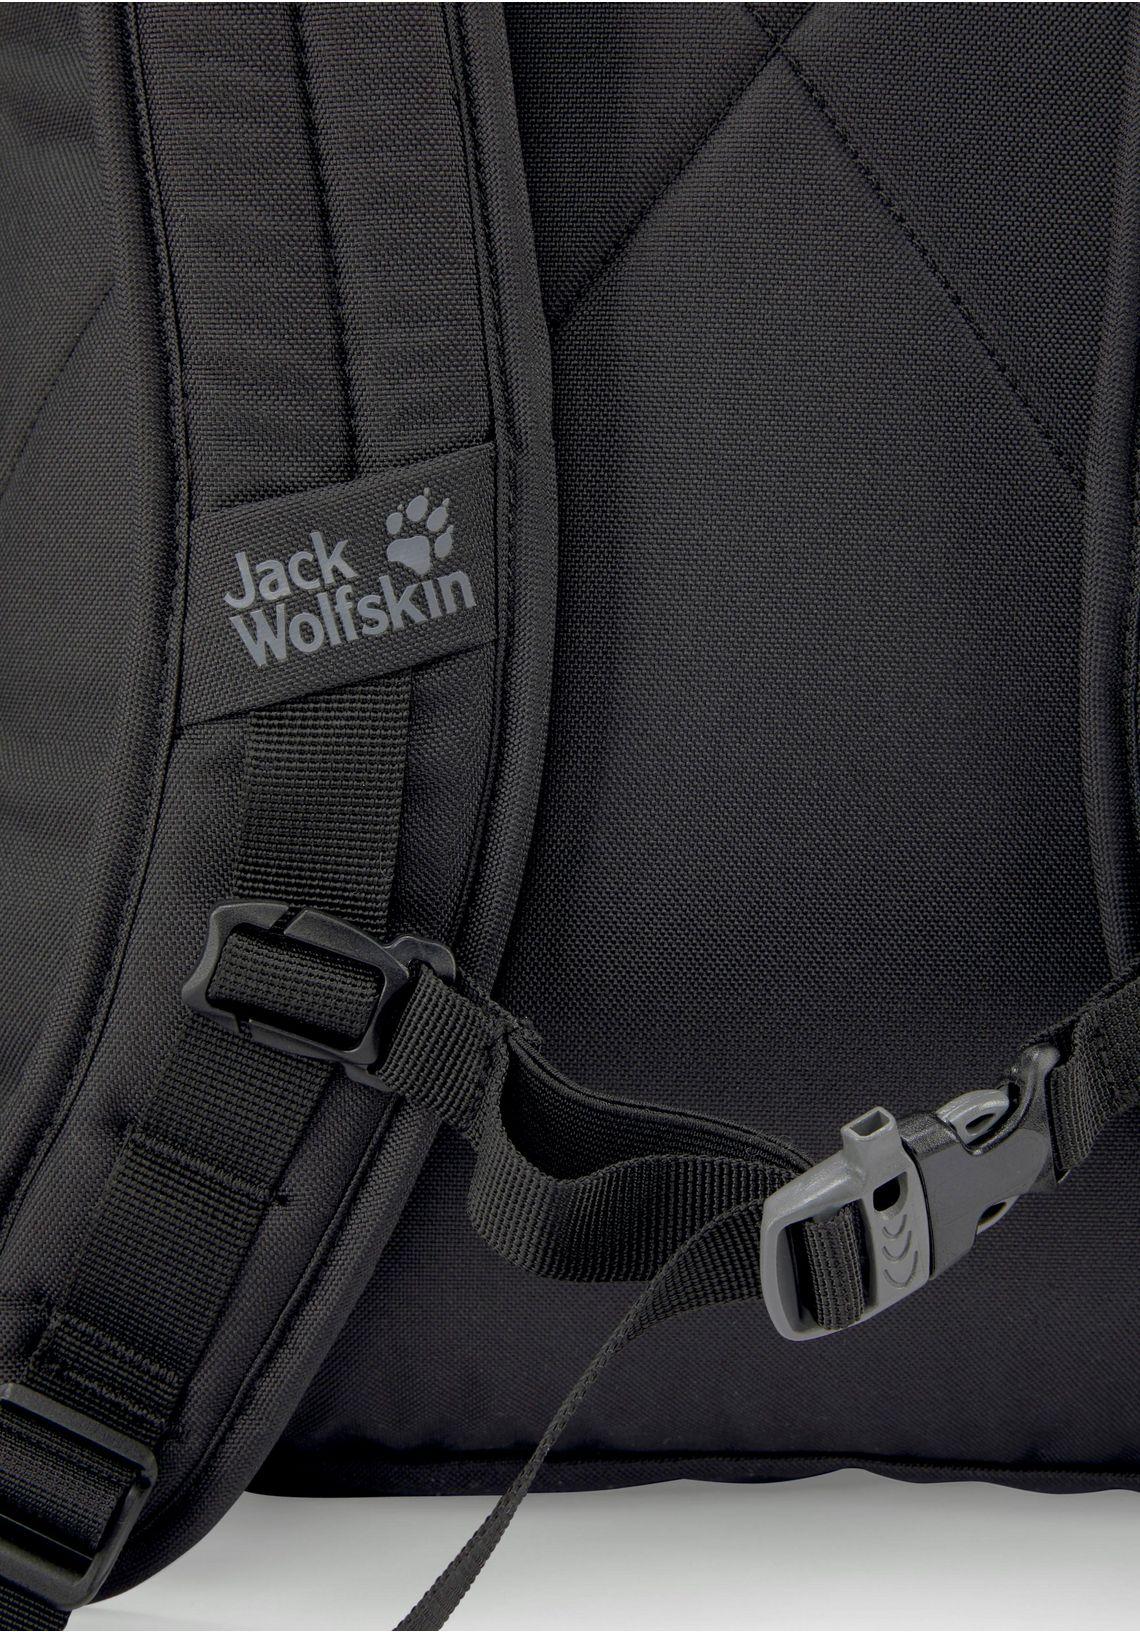 Jack Wolfskin rugzak  CAMPUS online bestellen  zwart